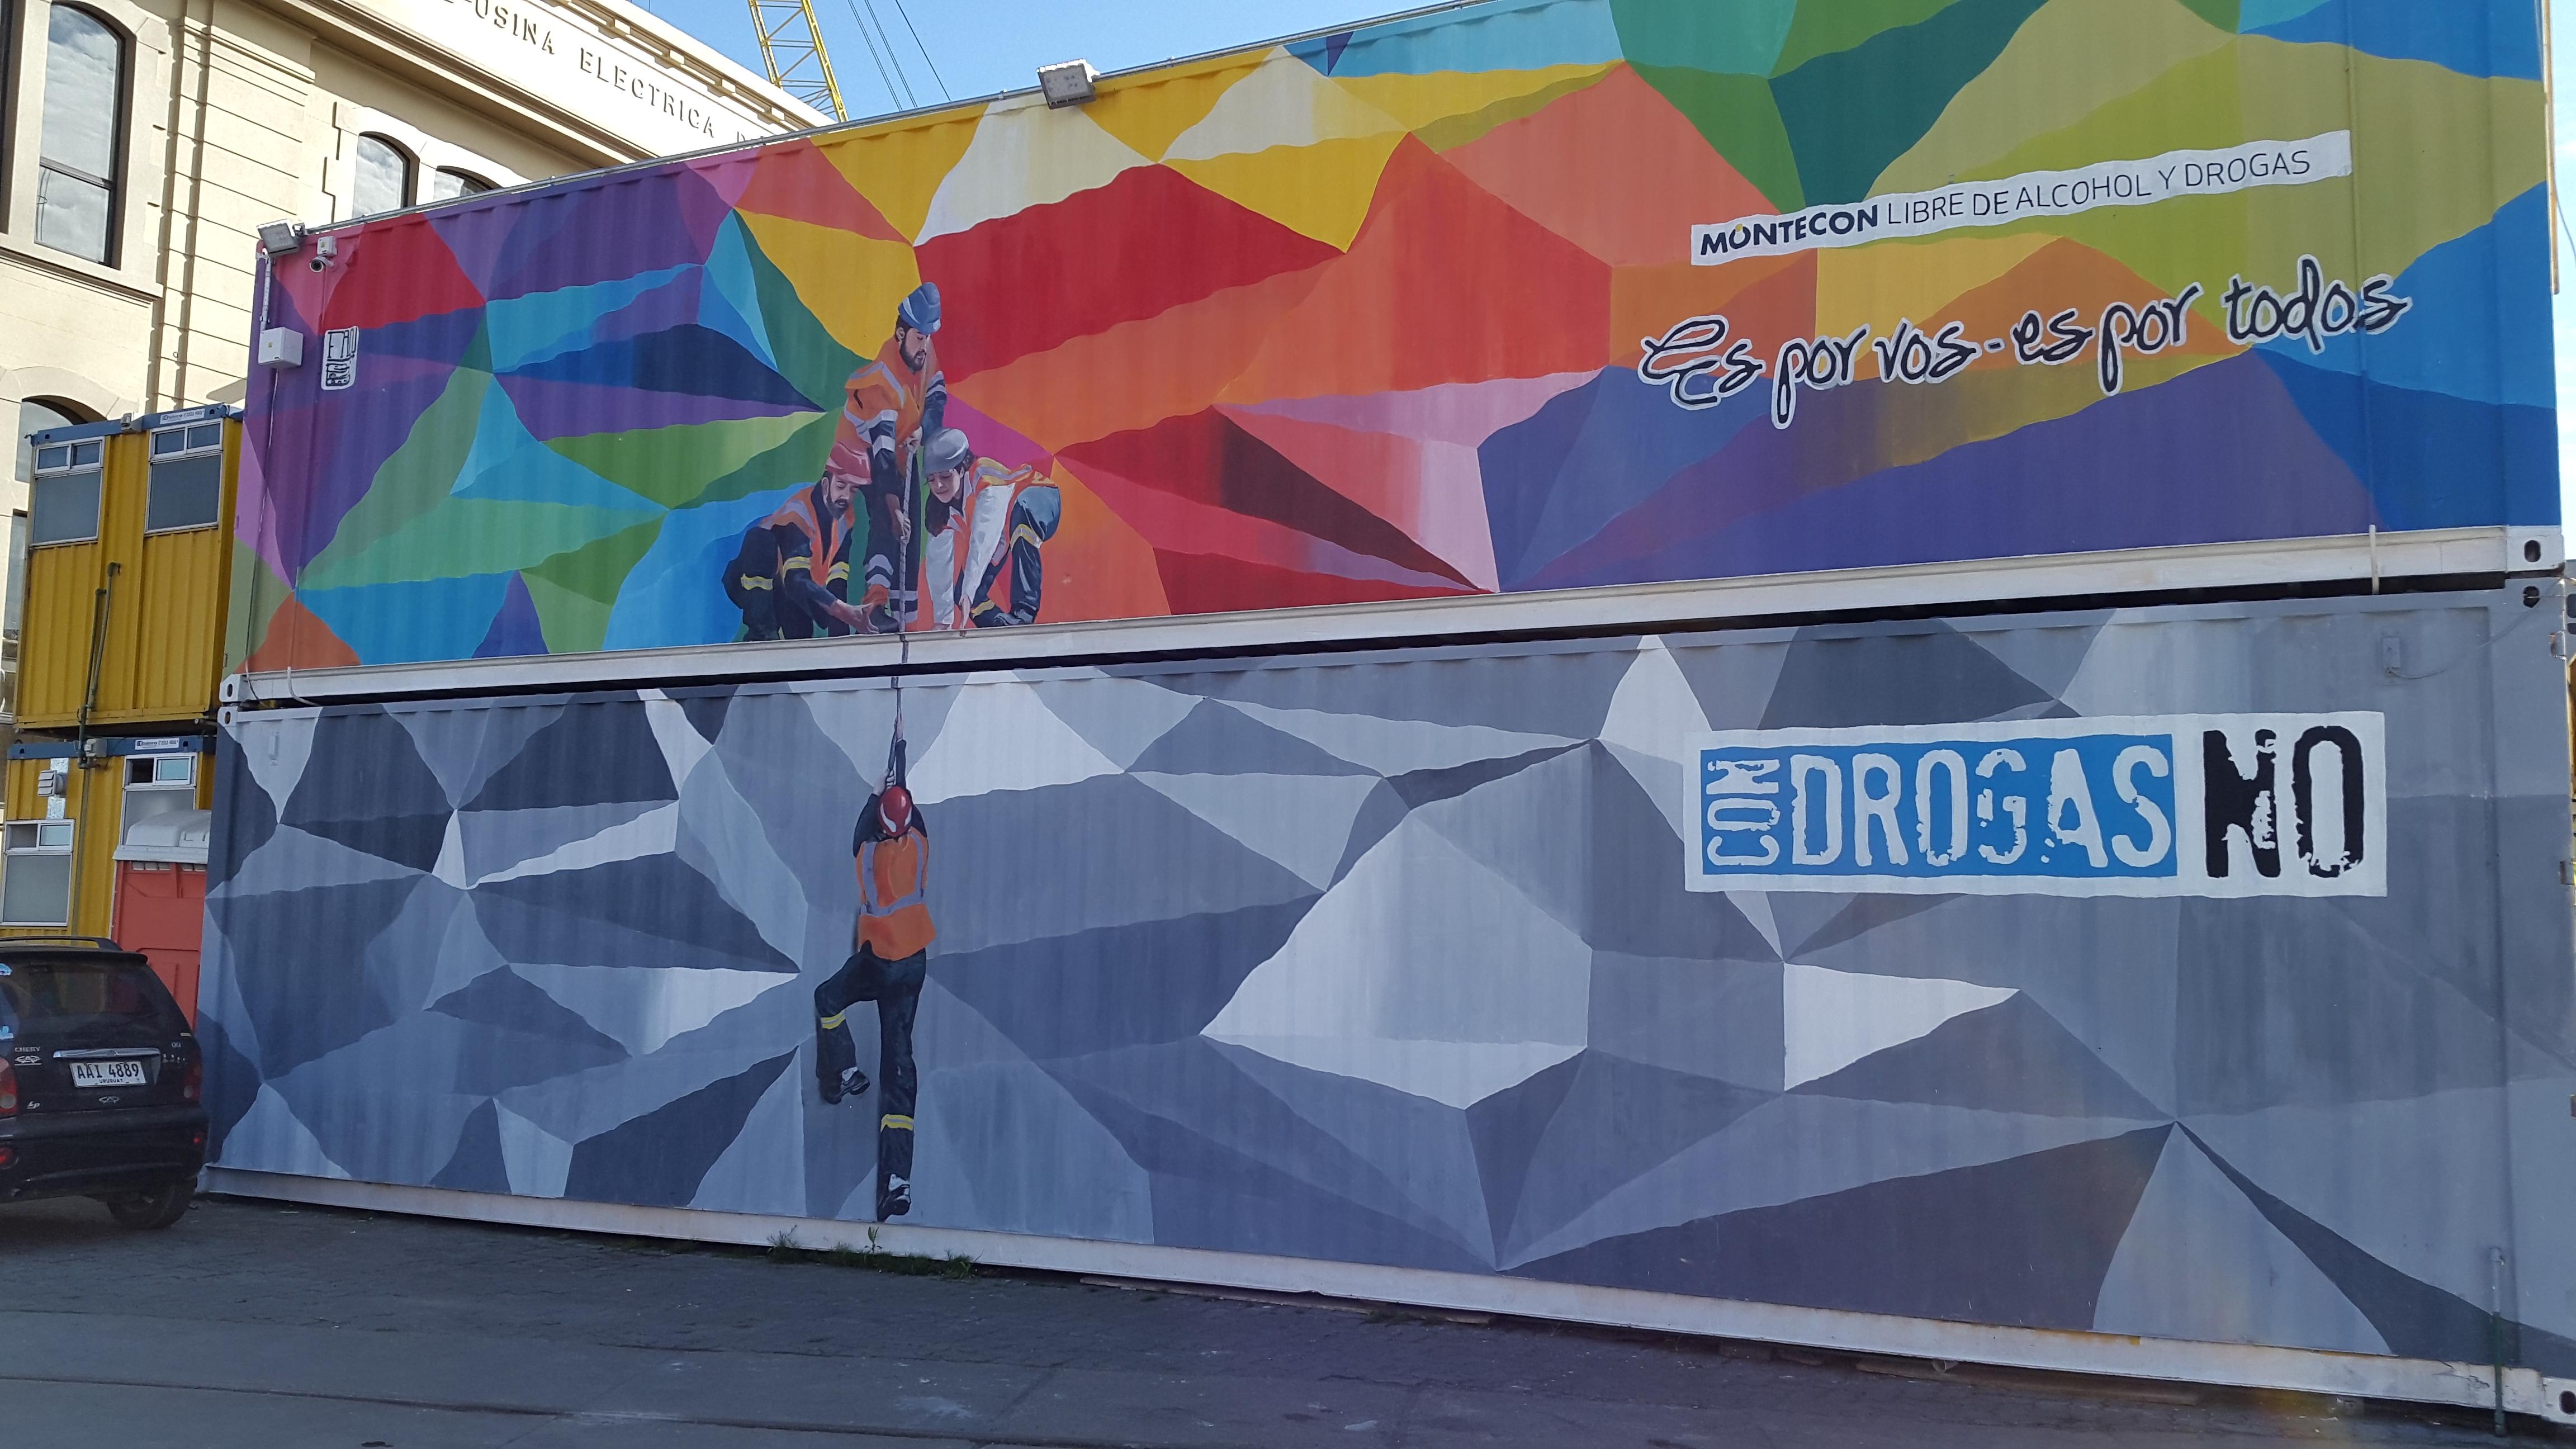 Montecon inició una campaña contra el consumo de drogas y alcohol